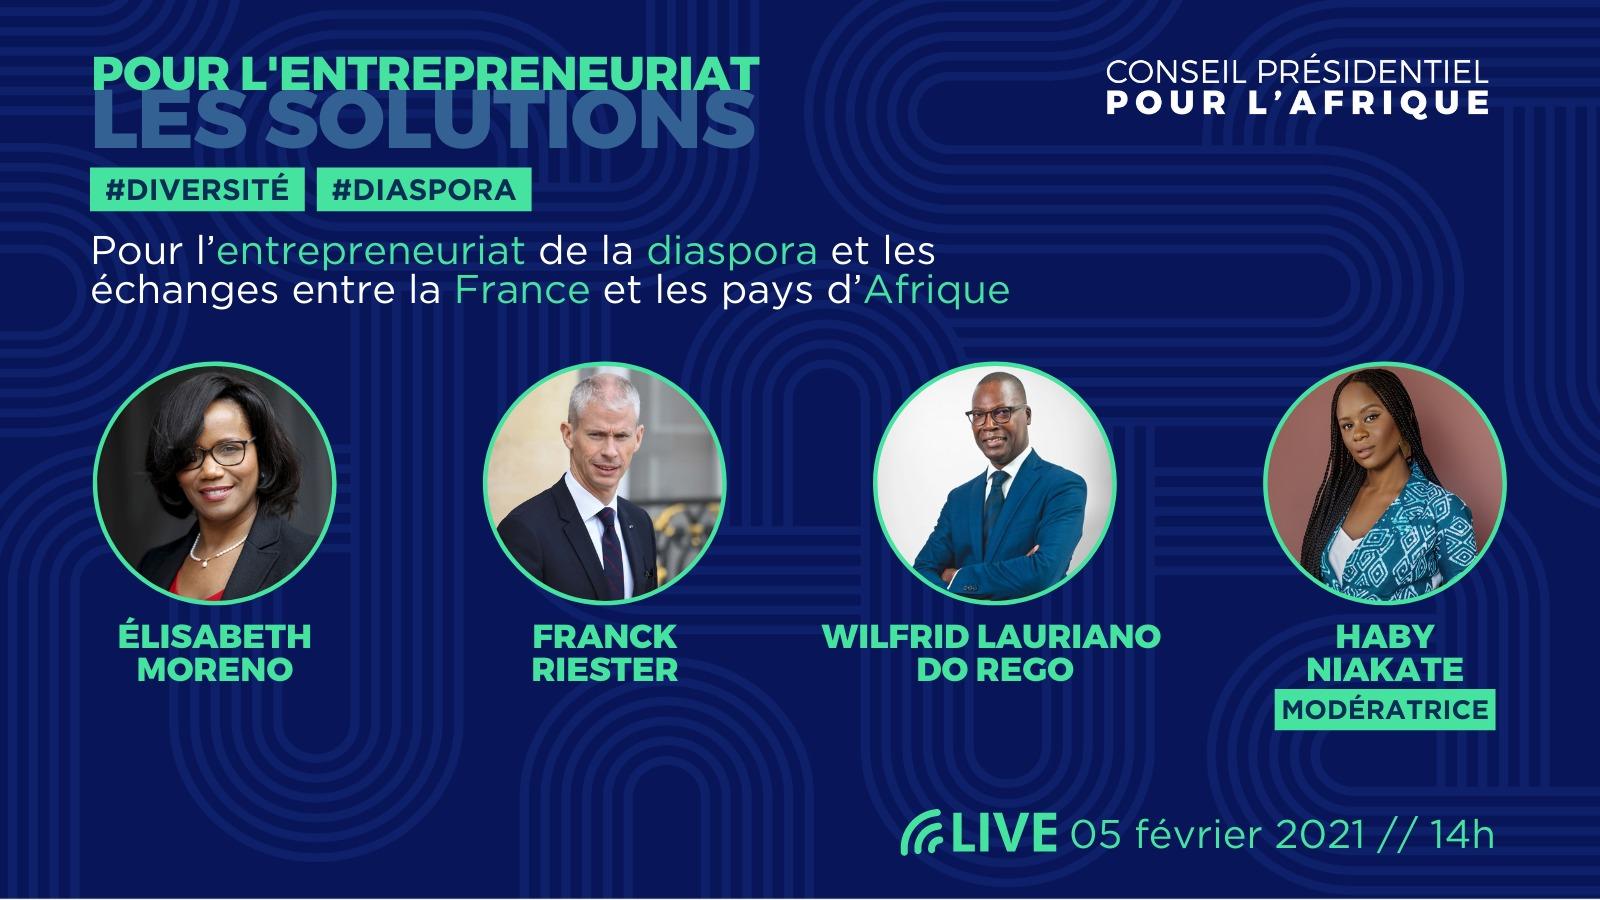 [ECONOMIE] Participez le 5 février 2021 à la dernière étape du tour de France pour l'entrepreneuriat des diasporas organisée par le Conseil Présidentiel pour l'Afrique